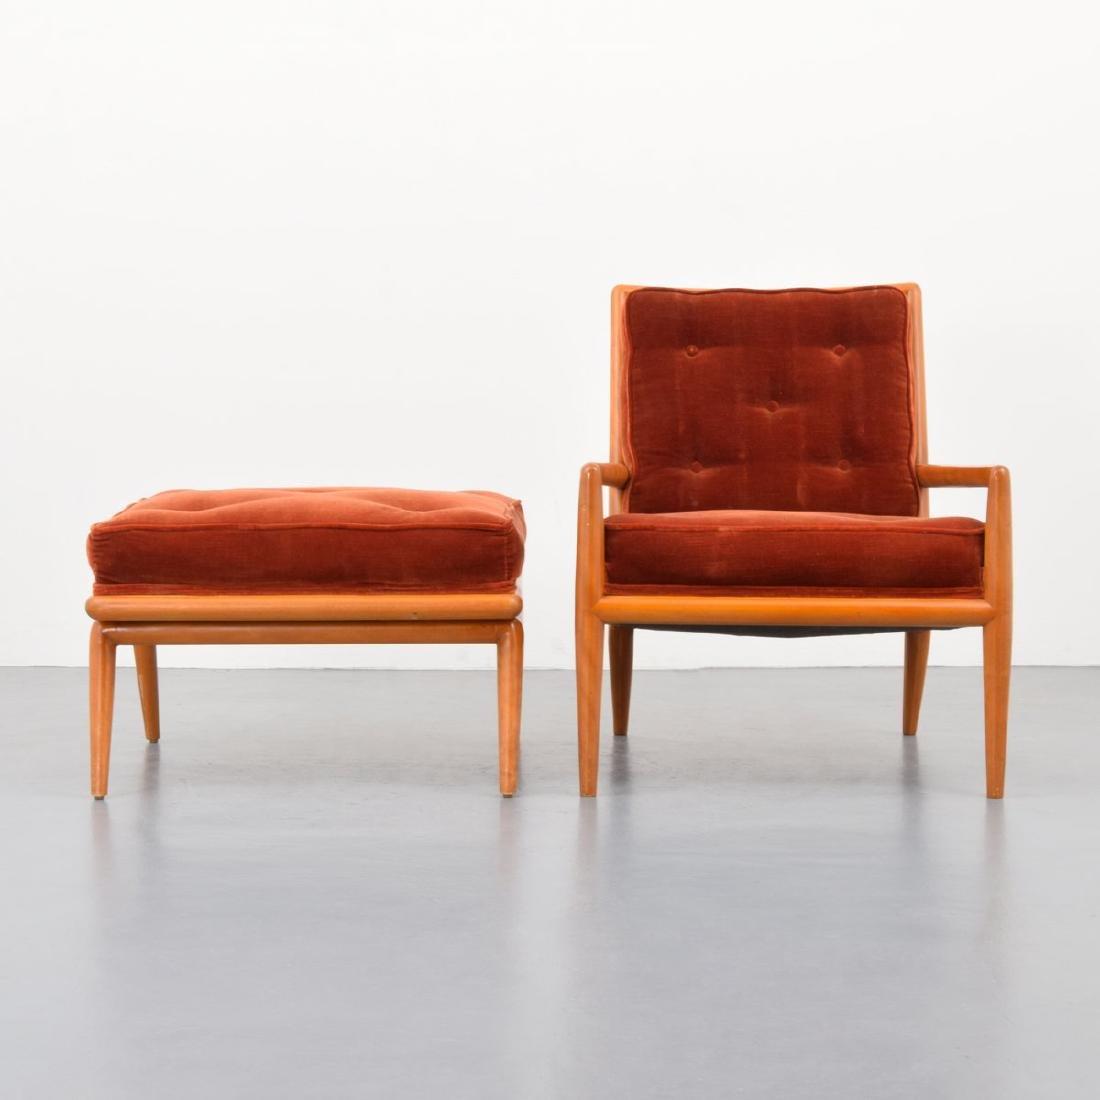 T.H. Robsjohn-Gibbings Lounge Chair & Ottoman - 6